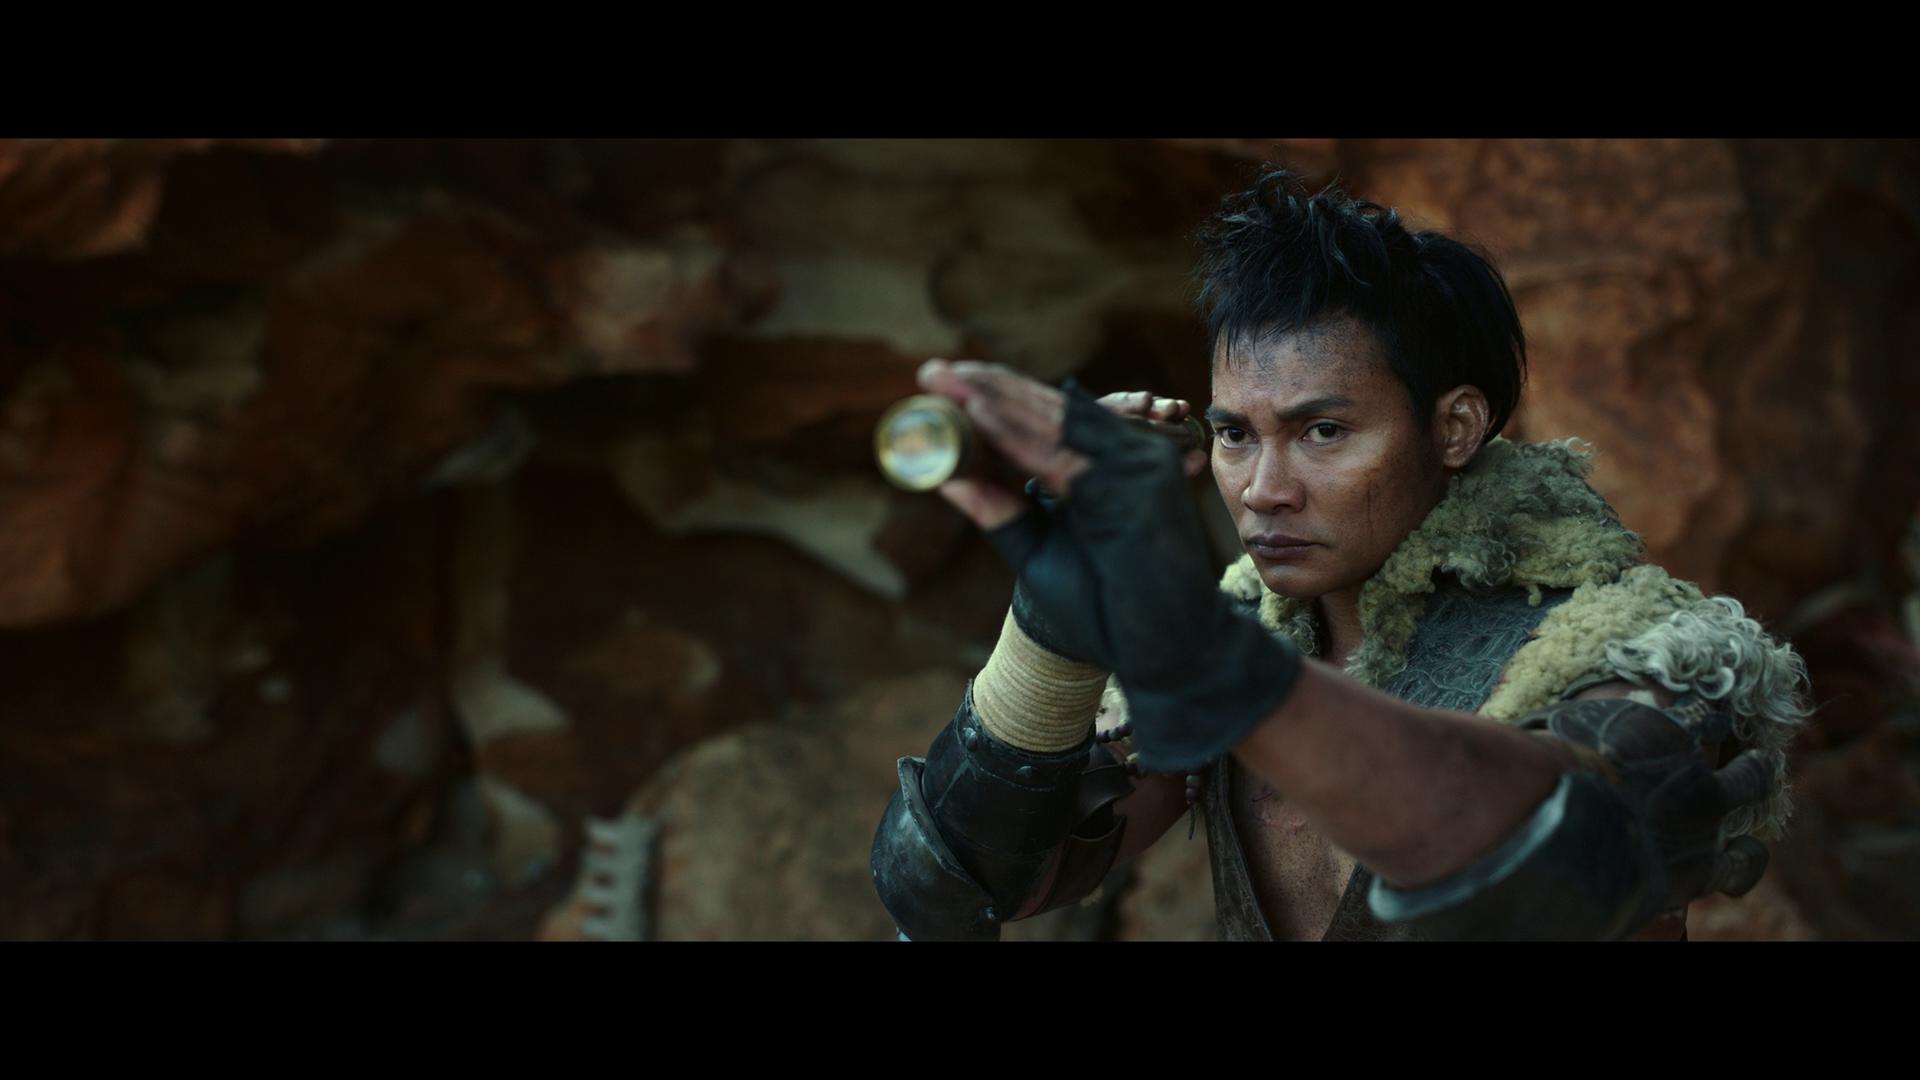 Monster Hunter: La cacería comienza (2020) 1080p BRRip Latino